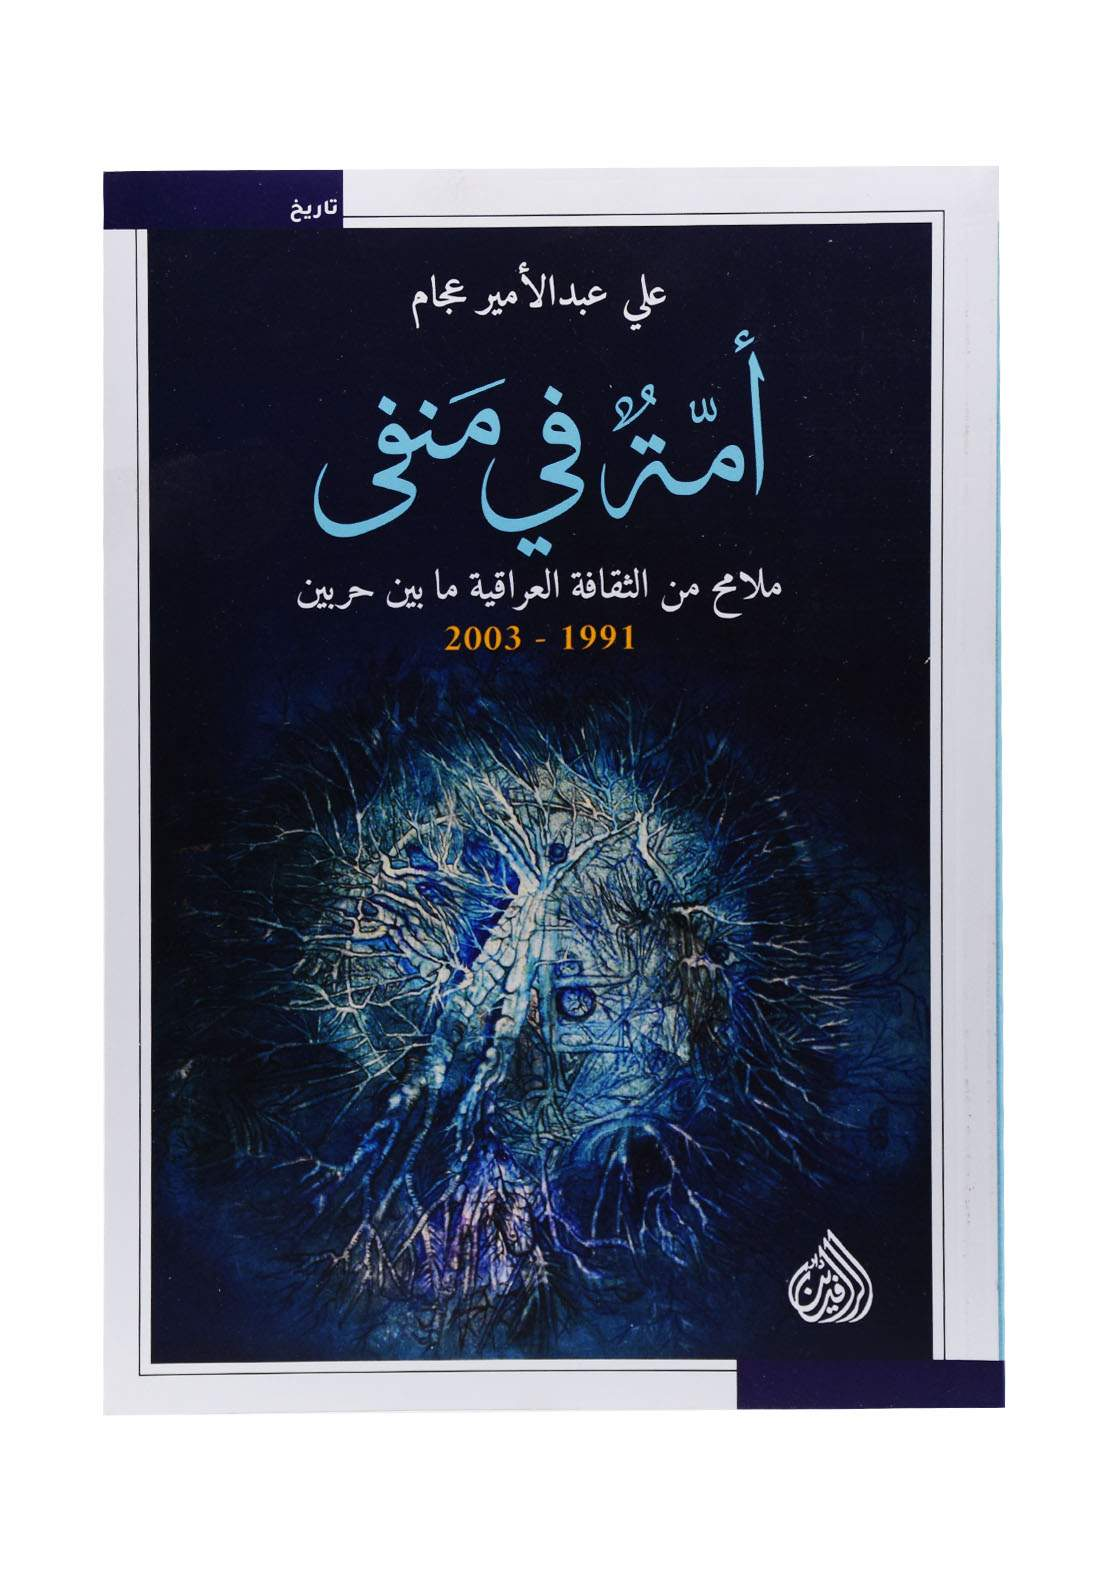 أمّة في منفى ملامح من الثقافة العراقية ما بين حربين 1991-2003